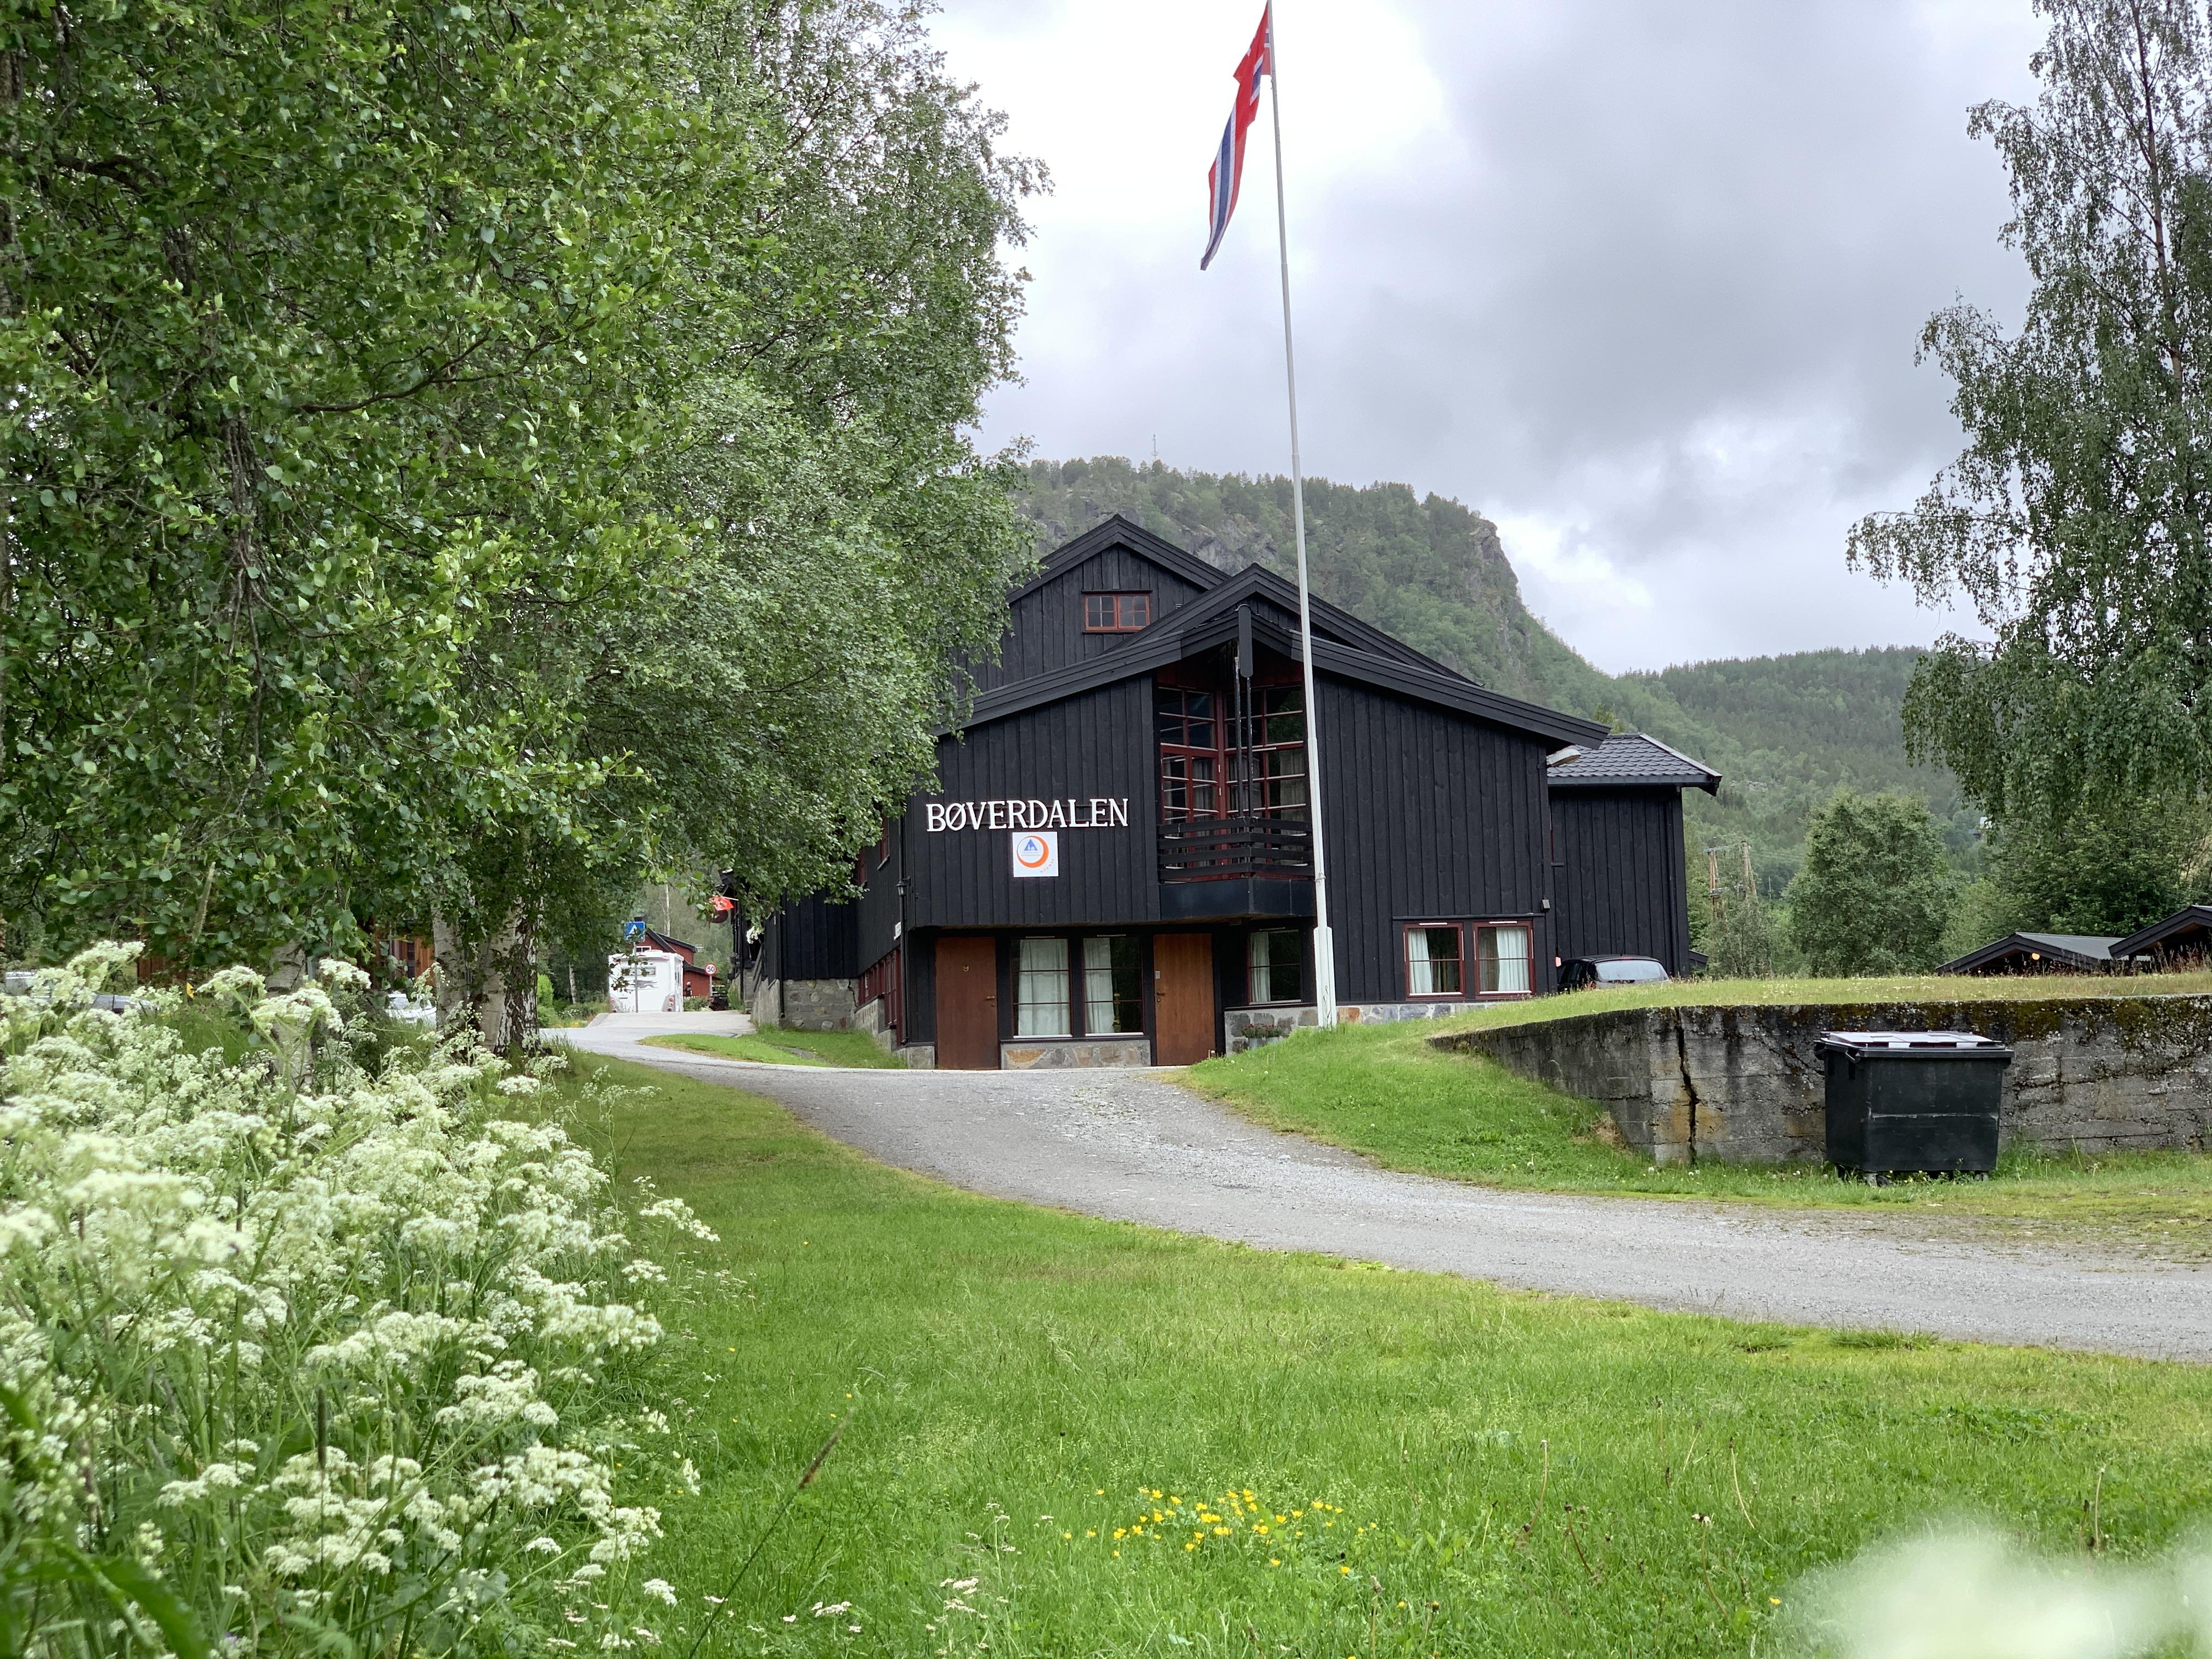 Bøverdalen vandrerhjem   Hostel og camping   Camping